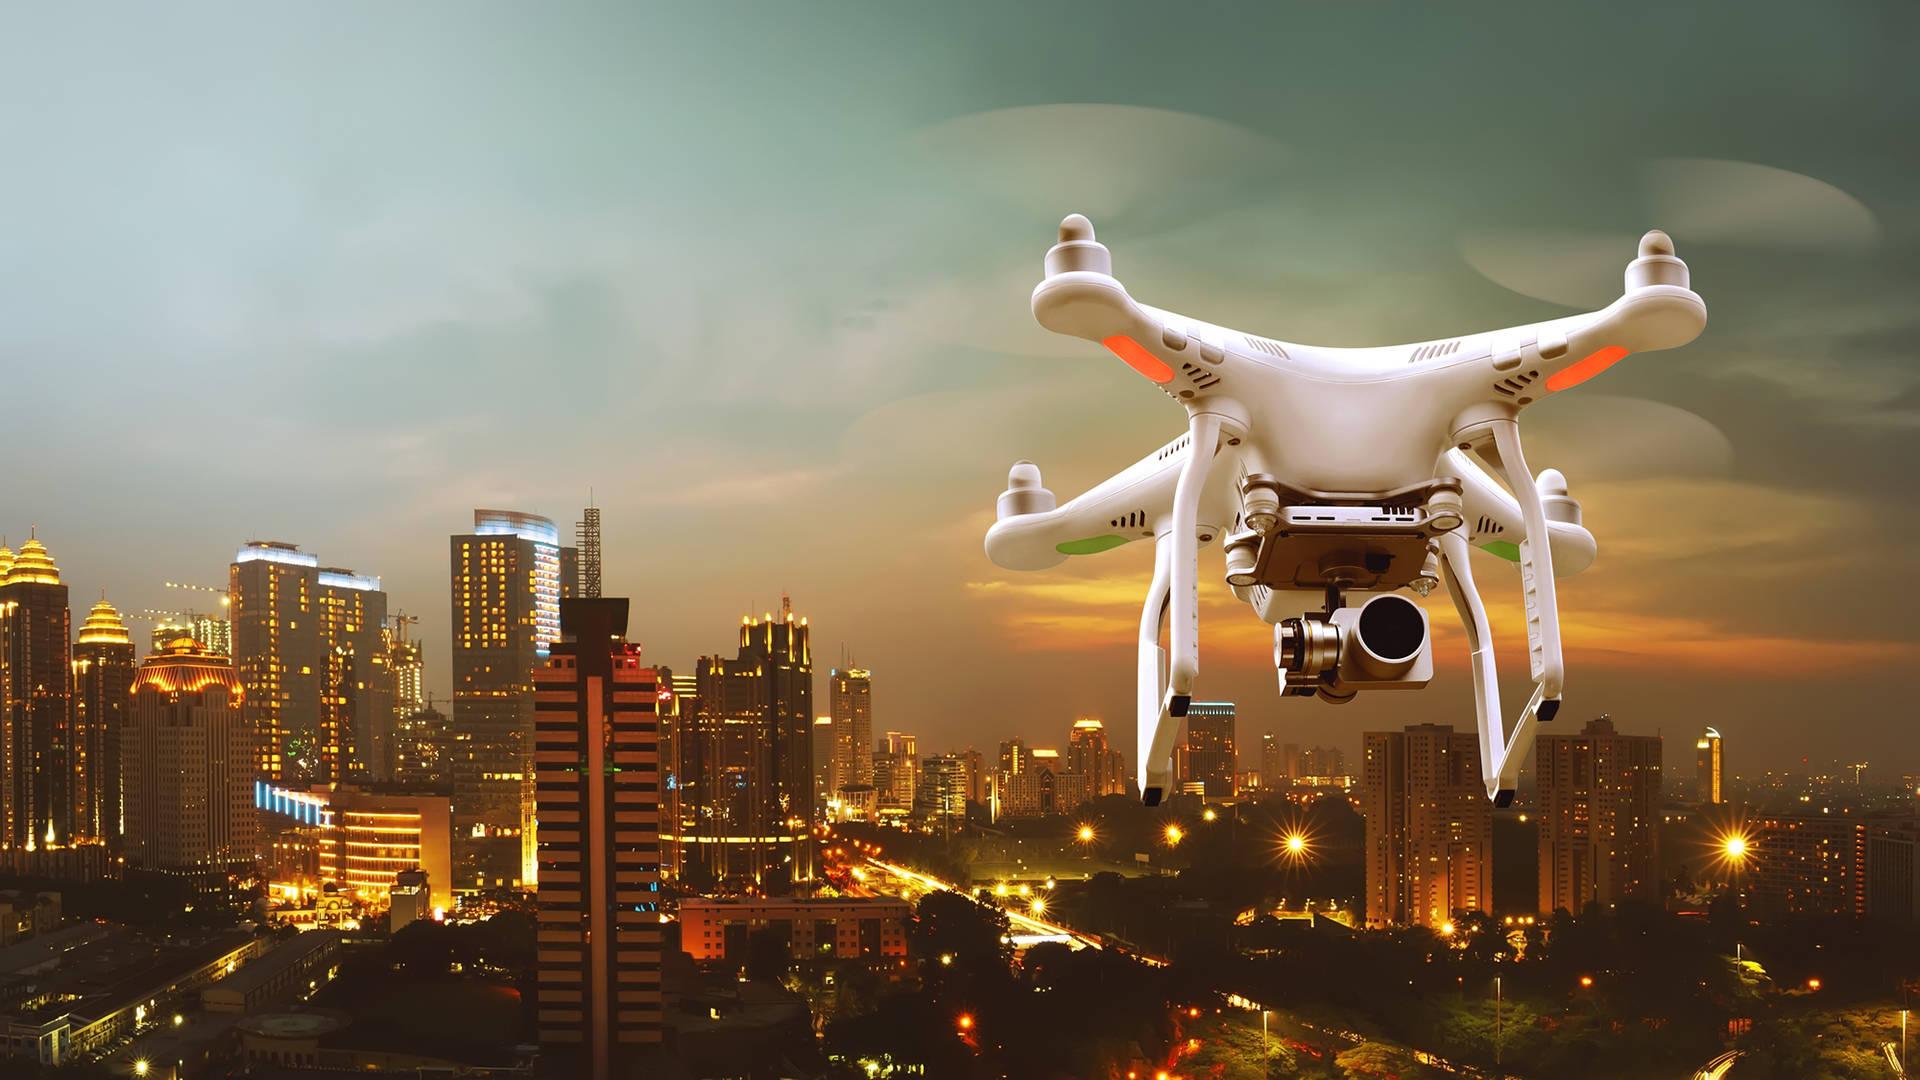 Droni DJI rilevano aerei ed elicotteri